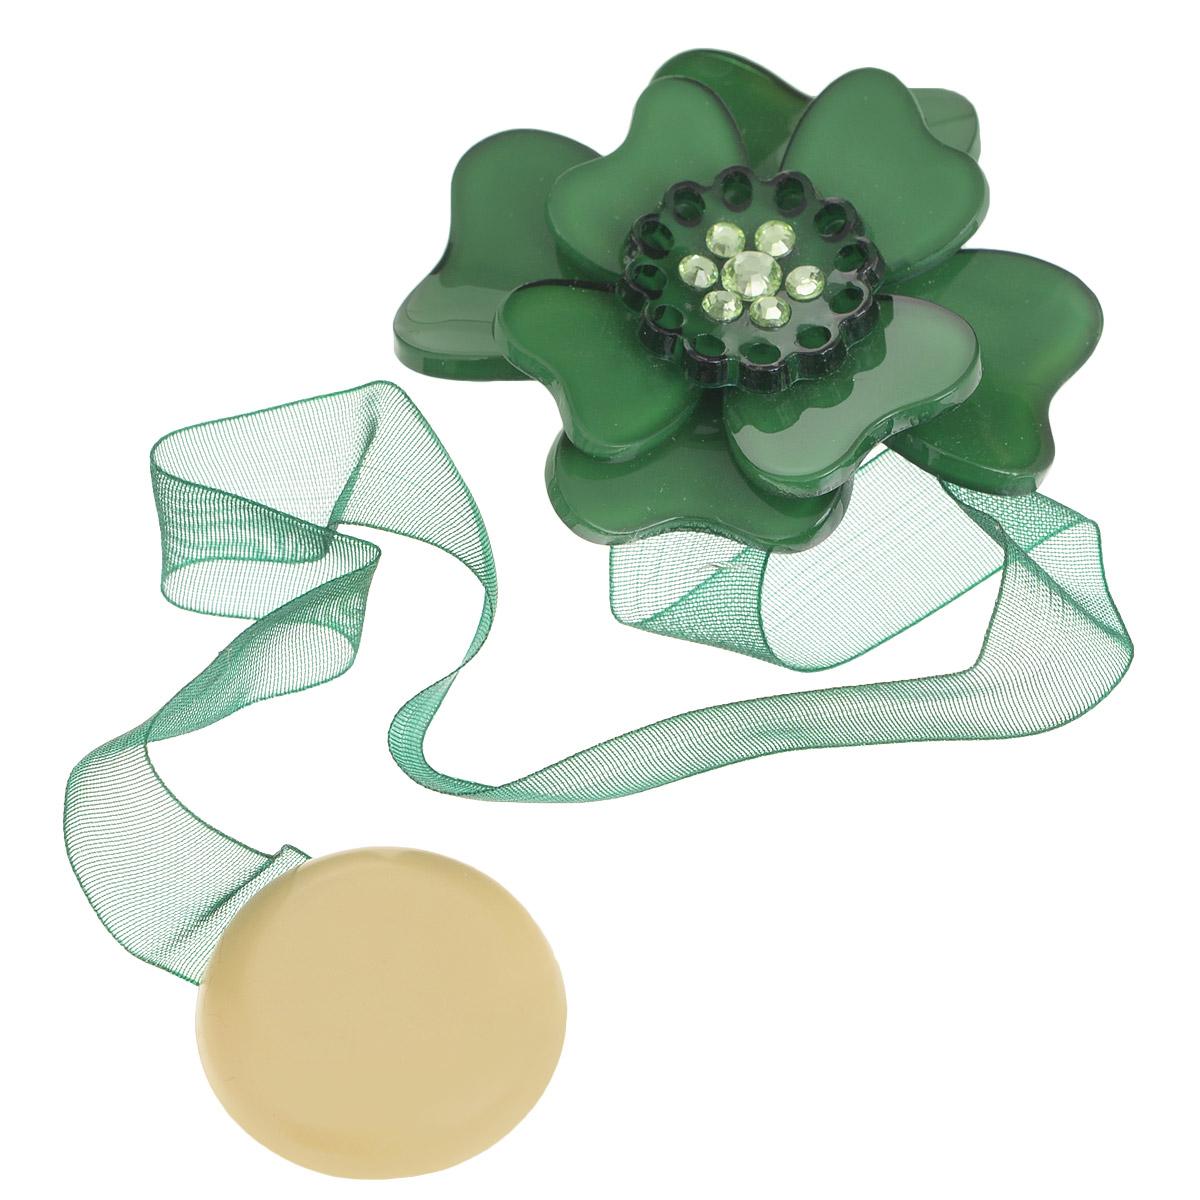 Клипса-магнит для штор Calamita Fiore, цвет: бутылочный. 7704008_6307704008_630Клипса-магнит Calamita Fiore, изготовленная из пластика и текстиля, предназначена для придания формы шторам. Изделие представляет собой два магнита, расположенные на разных концах текстильной ленты. Один из магнитов оформлен декоративным цветком и украшен стразами. С помощью такой магнитной клипсы можно зафиксировать портьеры, придать им требуемое положение, сделать складки симметричными или приблизить портьеры, скрепить их. Клипсы для штор являются универсальным изделием, которое превосходно подойдет как для штор в детской комнате, так и для штор в гостиной. Следует отметить, что клипсы для штор выполняют не только практическую функцию, но также являются одной из основных деталей декора этого изделия, которая придает шторам восхитительный, стильный внешний вид.